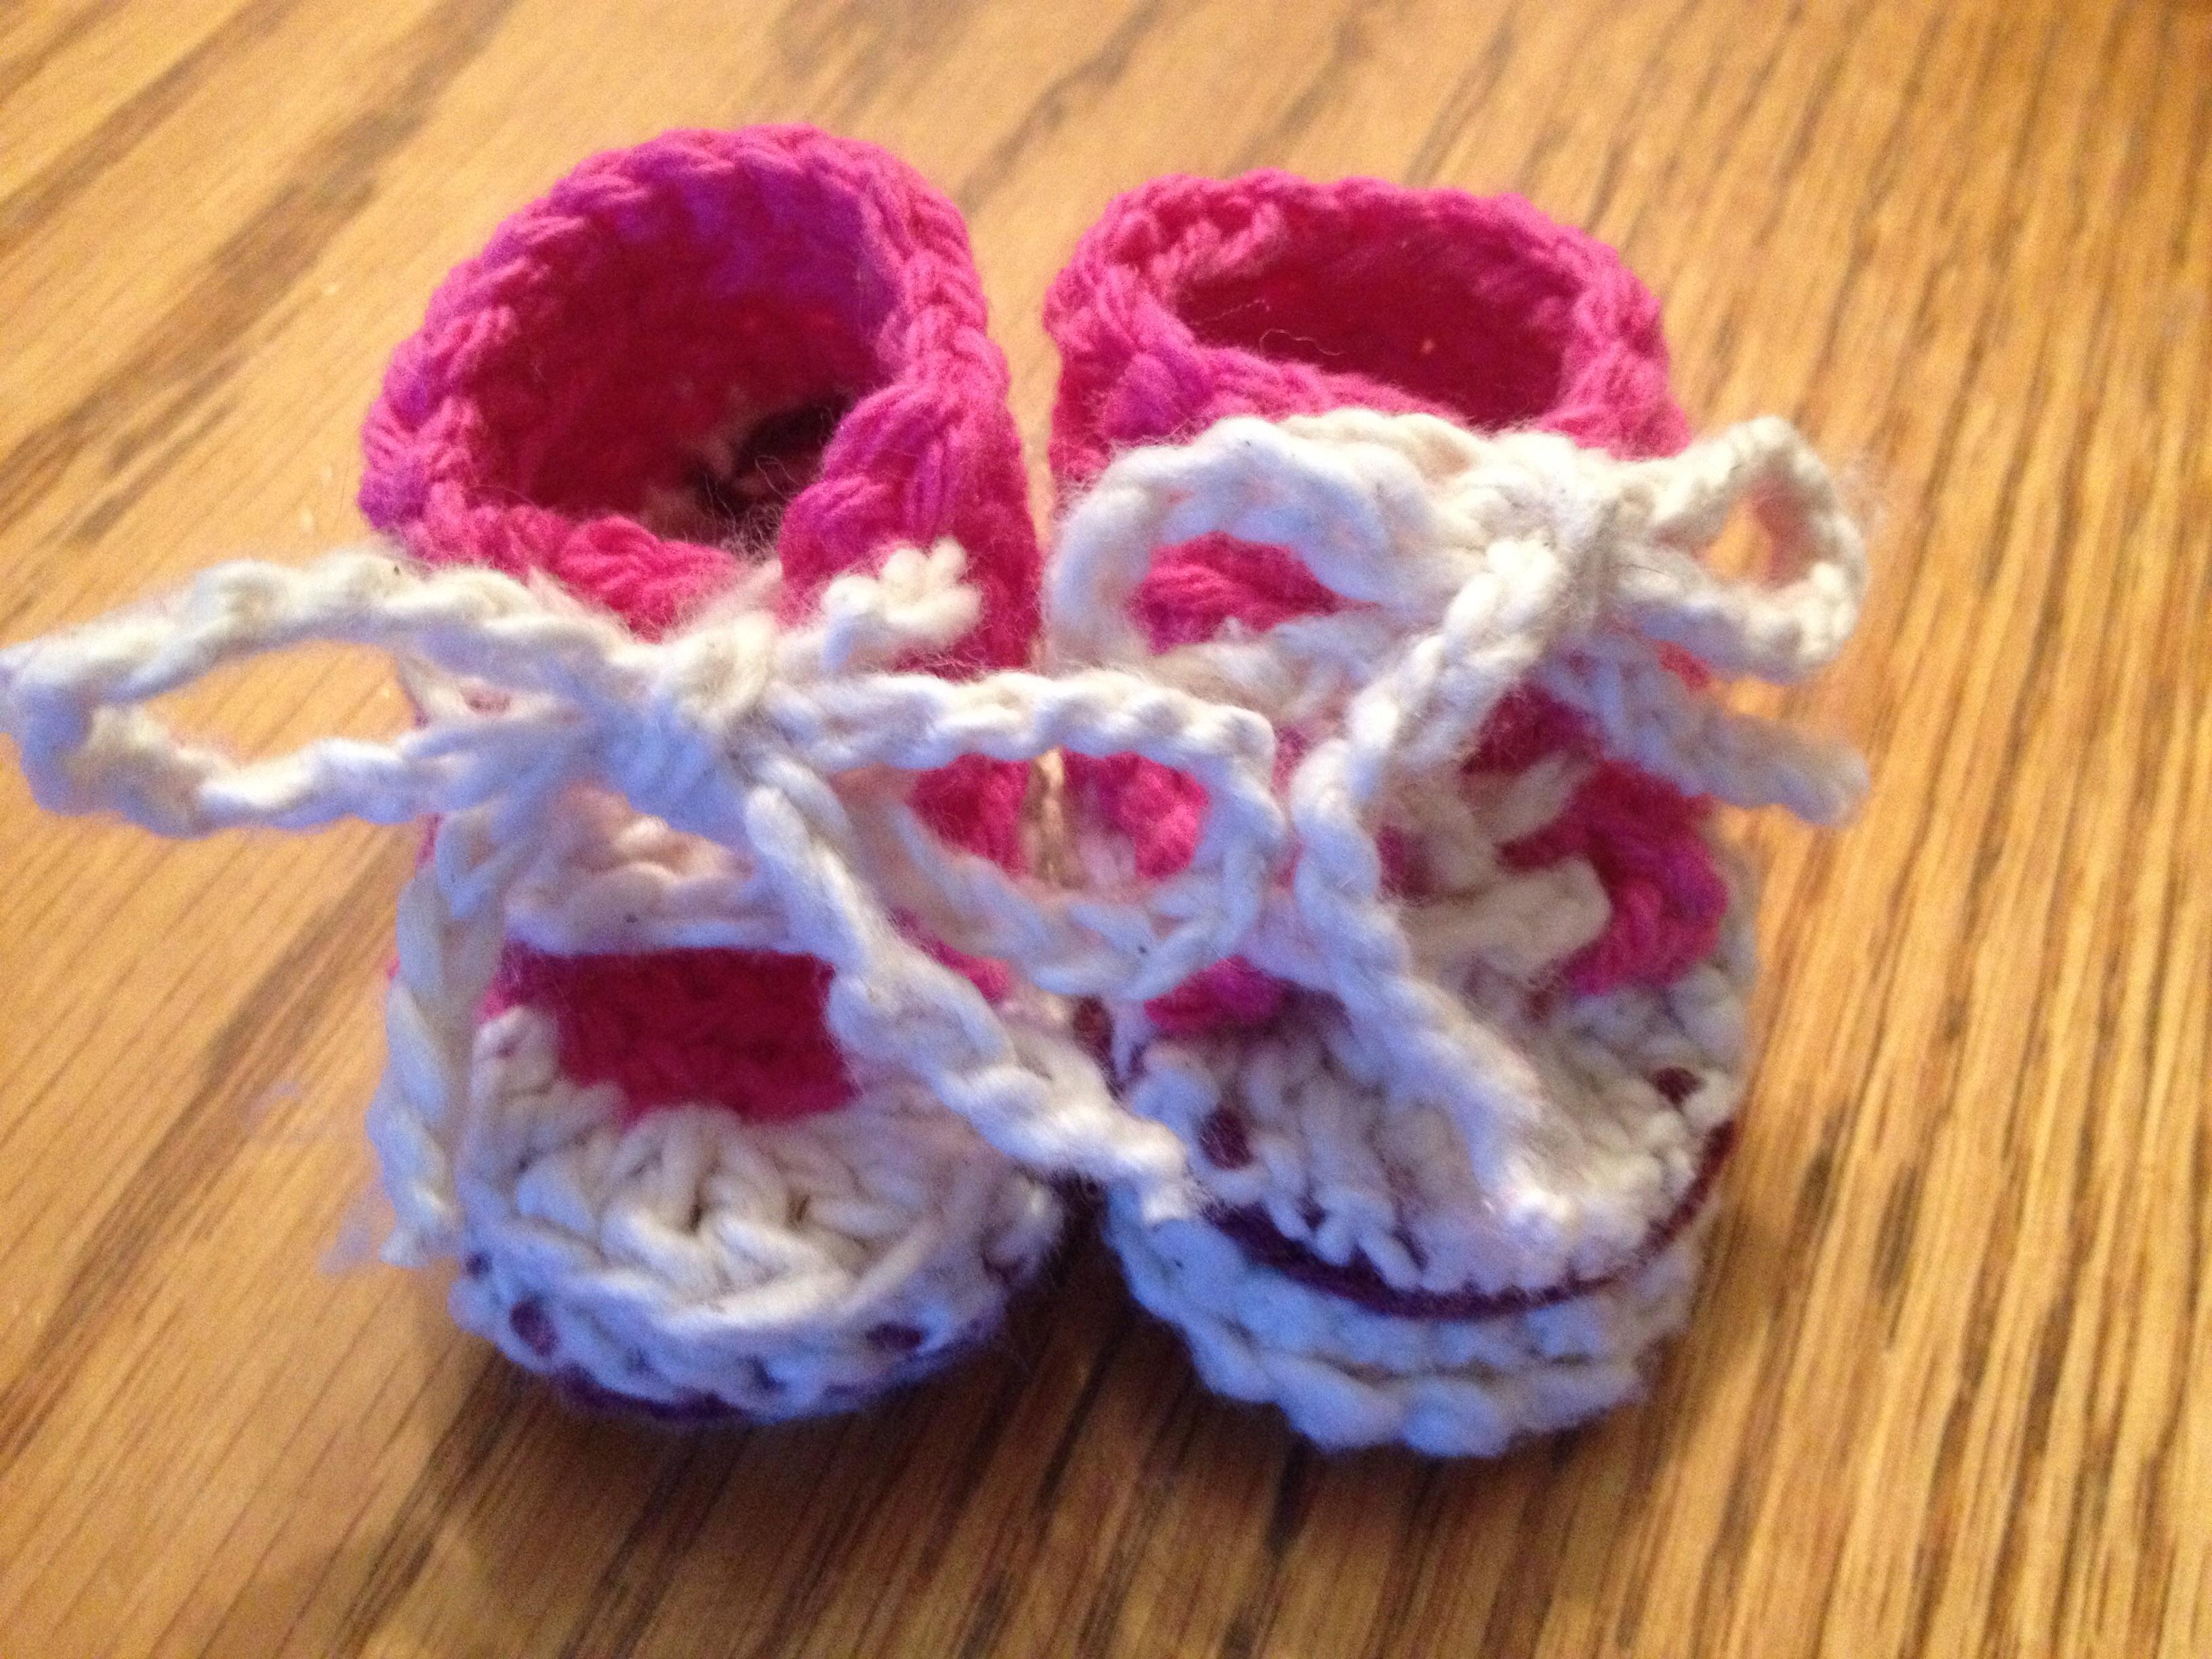 6+ items écolos faits maison, pour soi-même ou cadeaux, Blog Bonheur, zen, famille alternative   Marie-Eve Boudreault, auteure souliers bottines crochet bébé rose fille idée